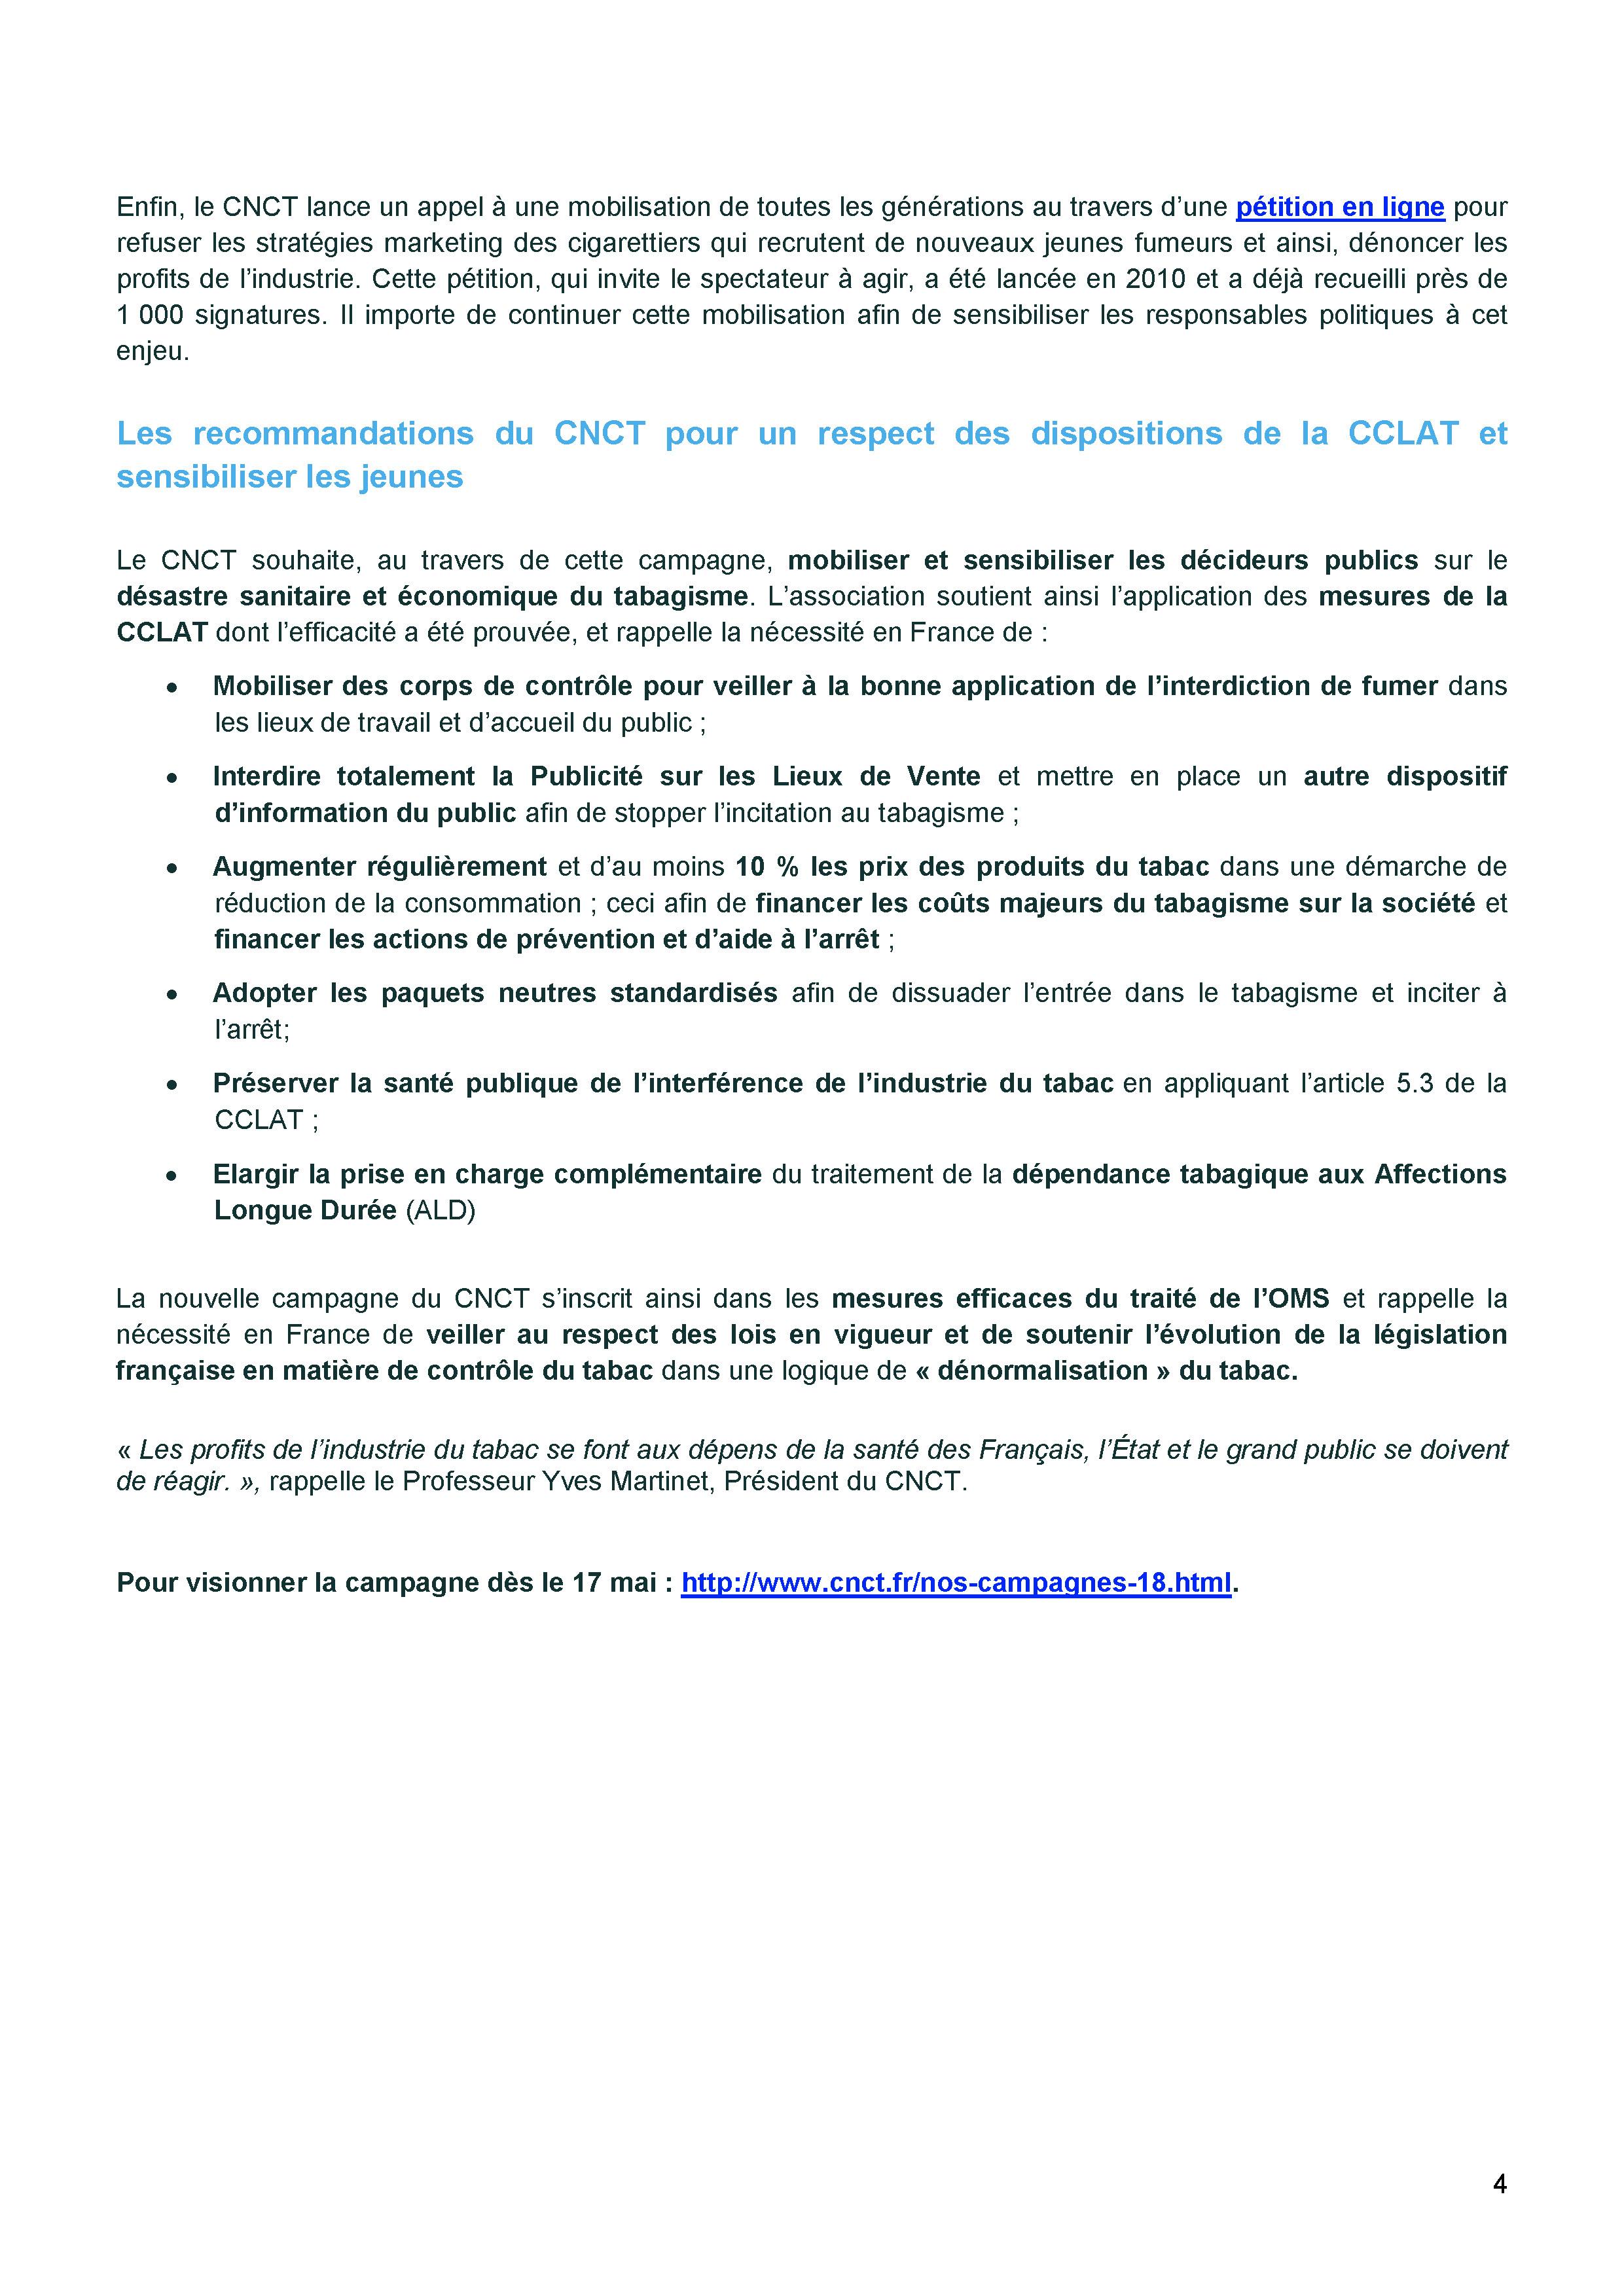 CNCT-DP-l-envers-du-decor-17mai2011_Page_04.jpg